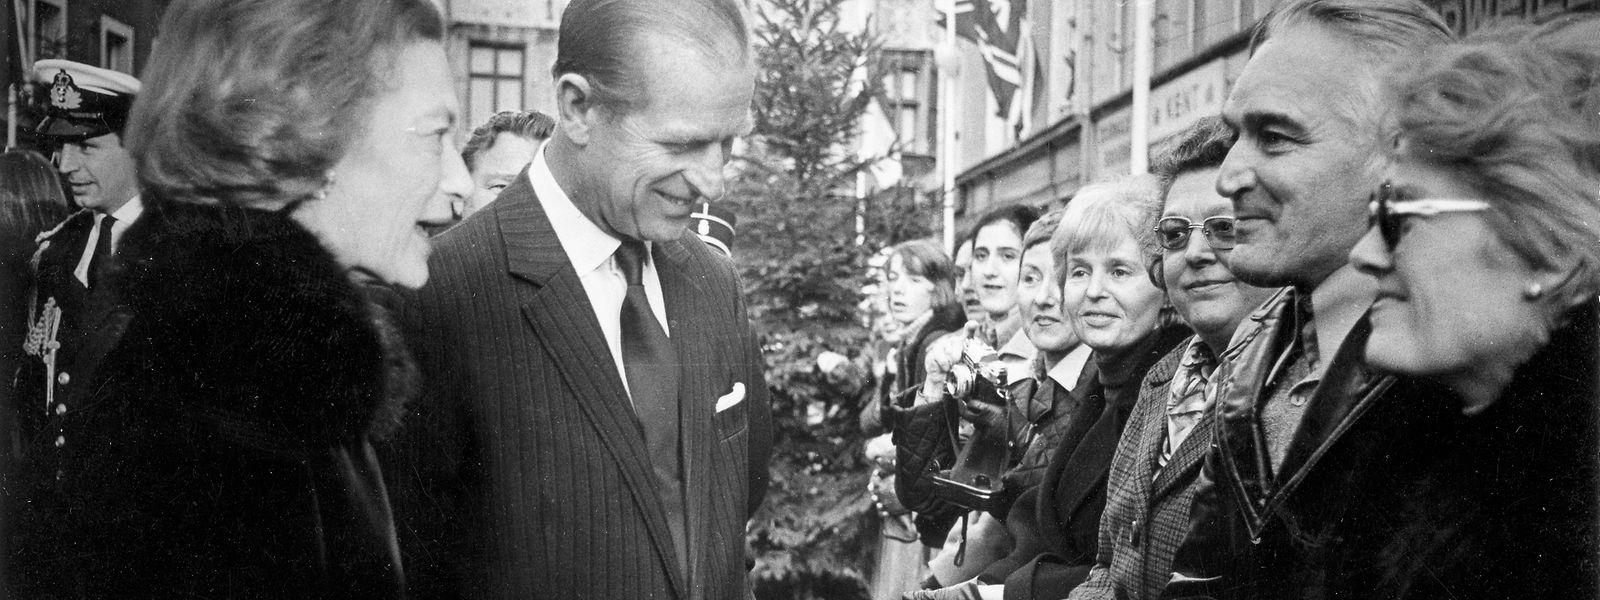 Die Ehepartner der Regenten beim Staatsbesuch 1976 im Gespräch mit Zaungästen.